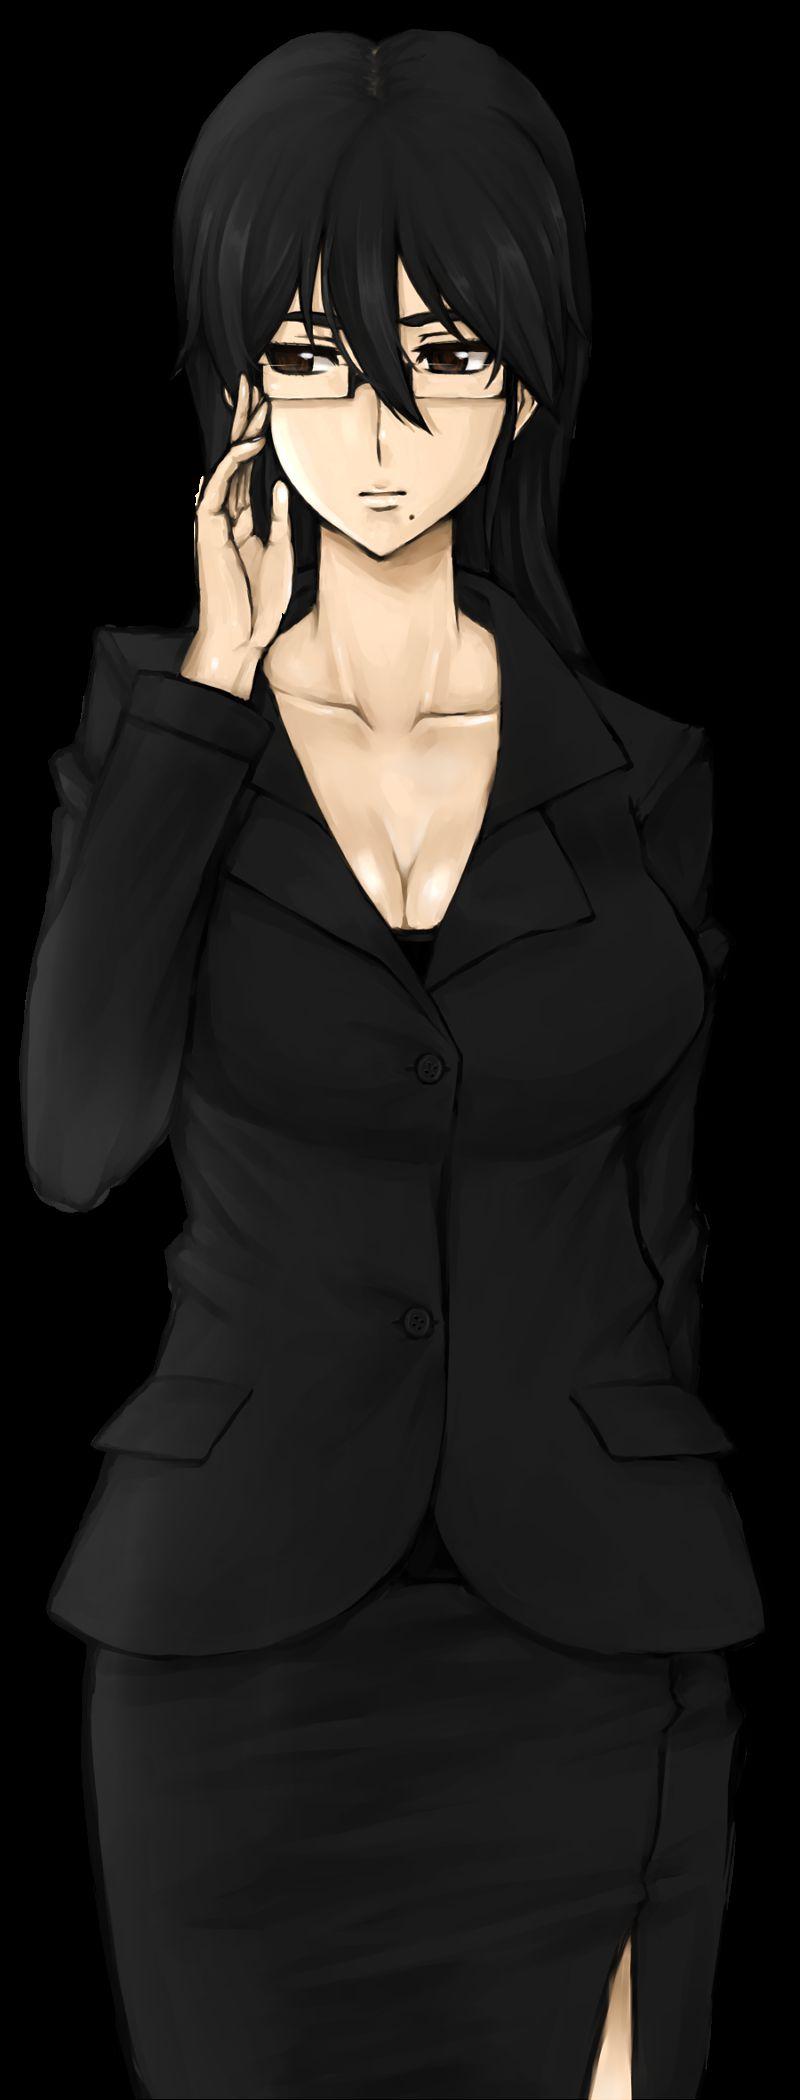 スカートスーツ 女一人 -コミック -アニメーション118